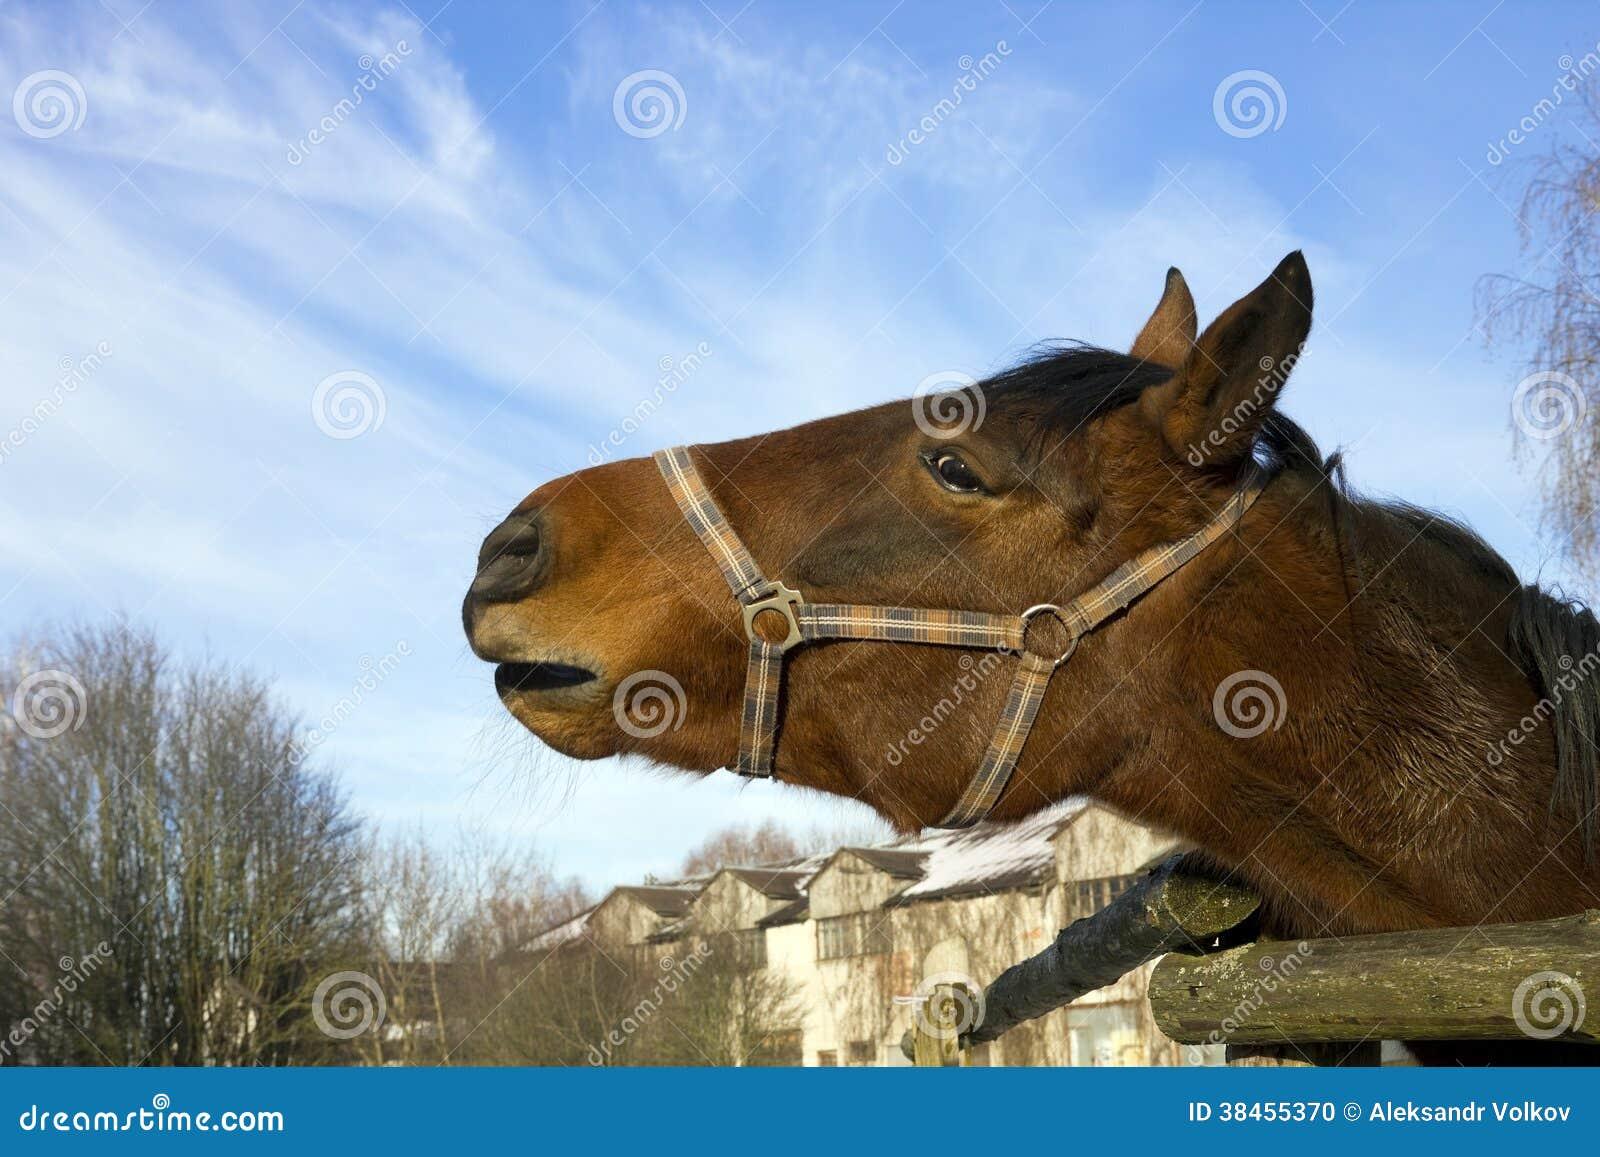 pferdewiehern